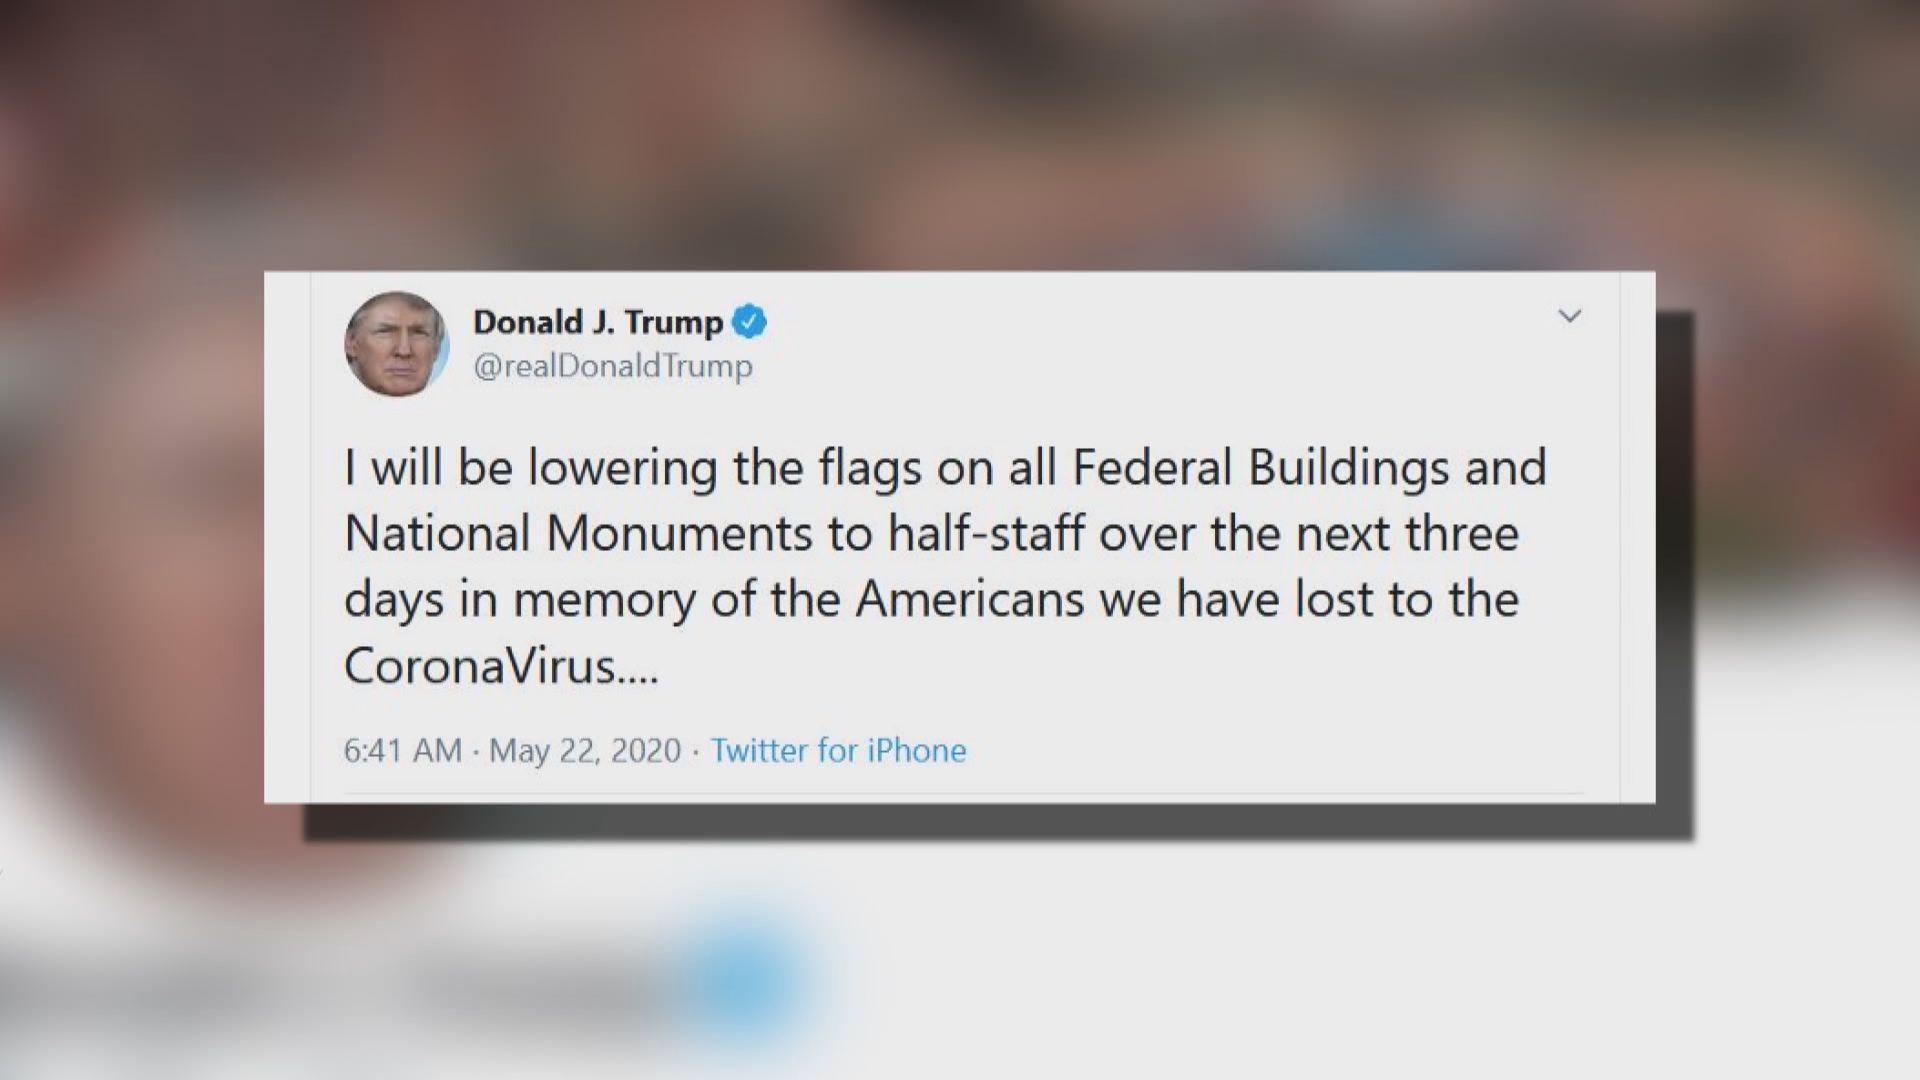 特朗普稱將下令全國下半旗三天致哀